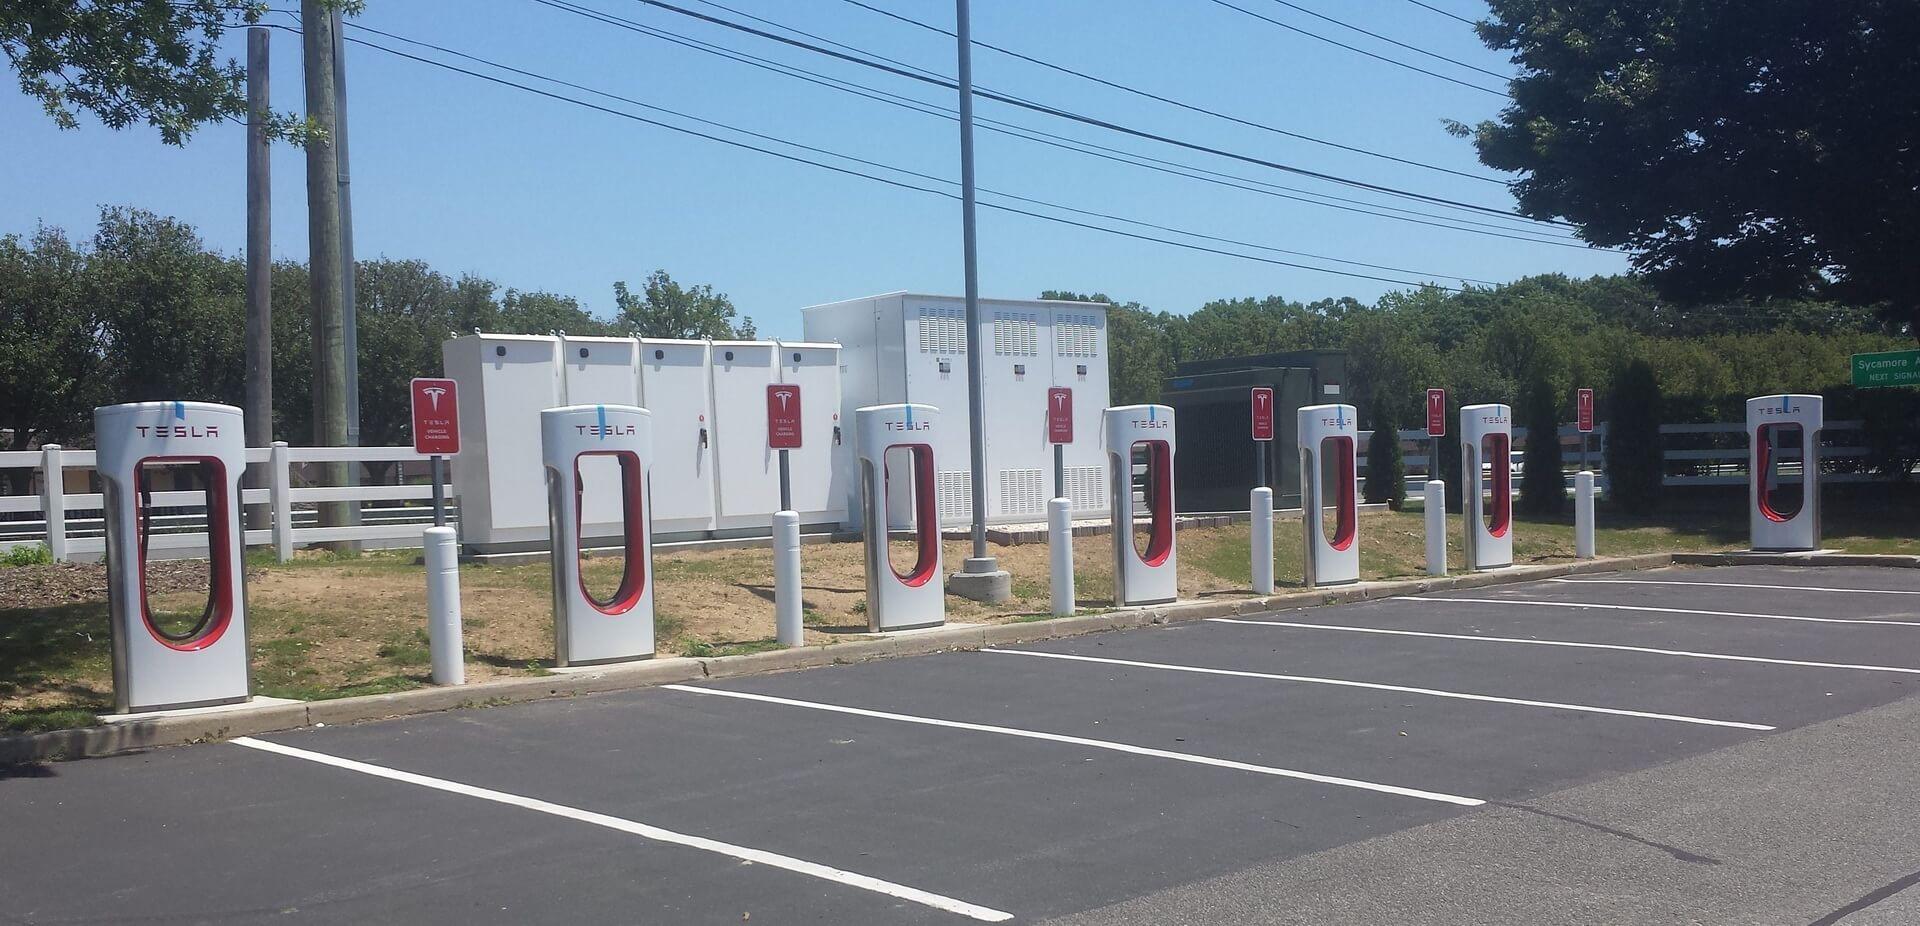 Одна из новых станций Tesla Supercharger в Лонг-Айленде, Нью-Йорк